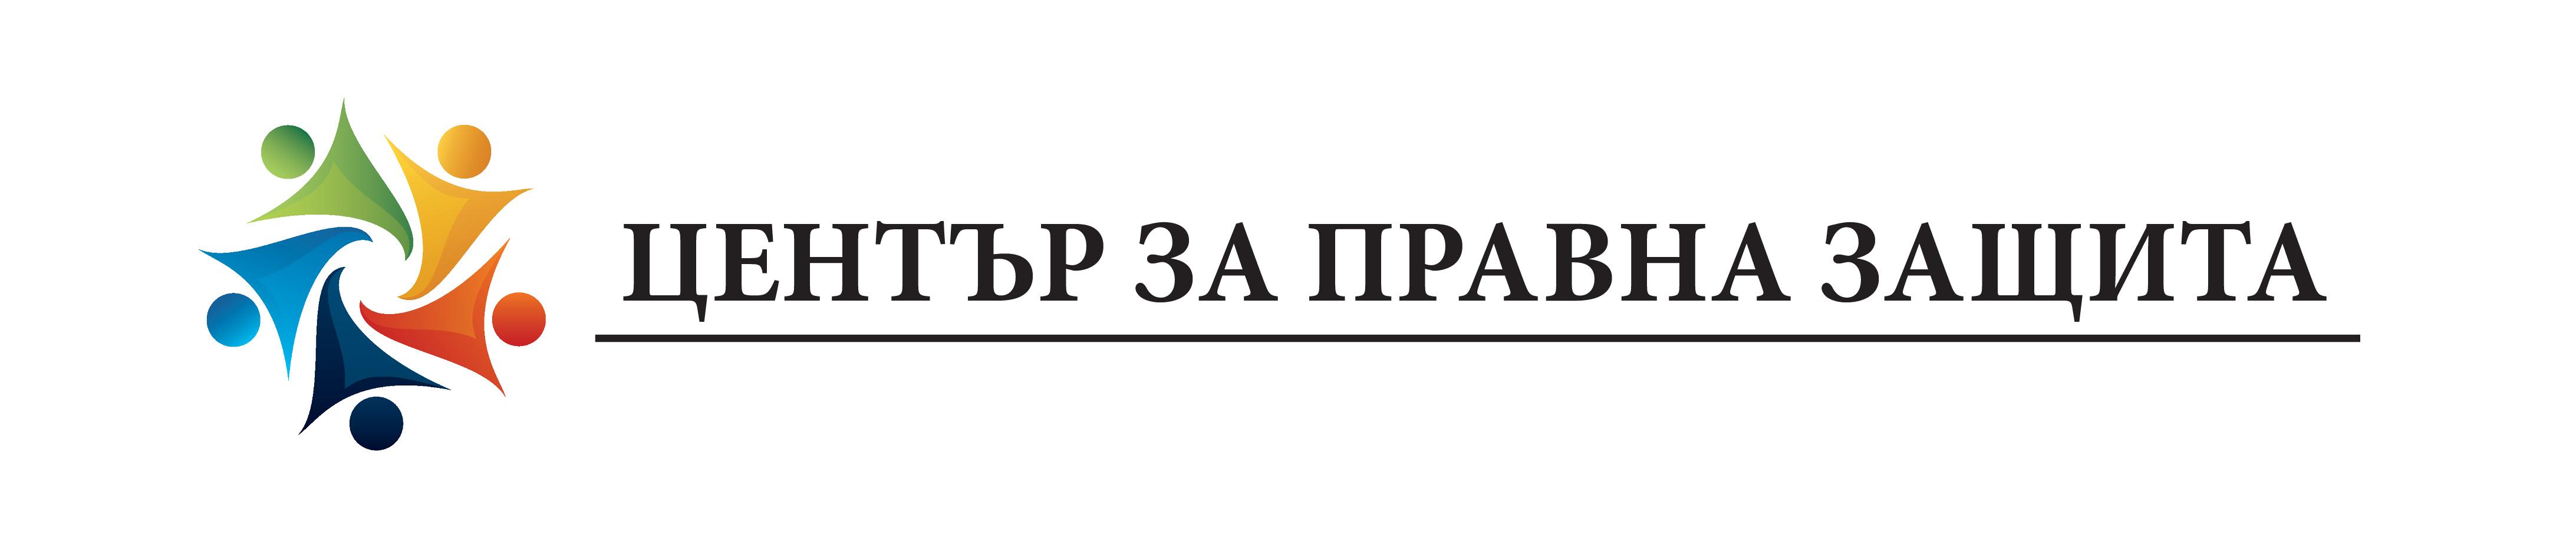 logo_slpnew